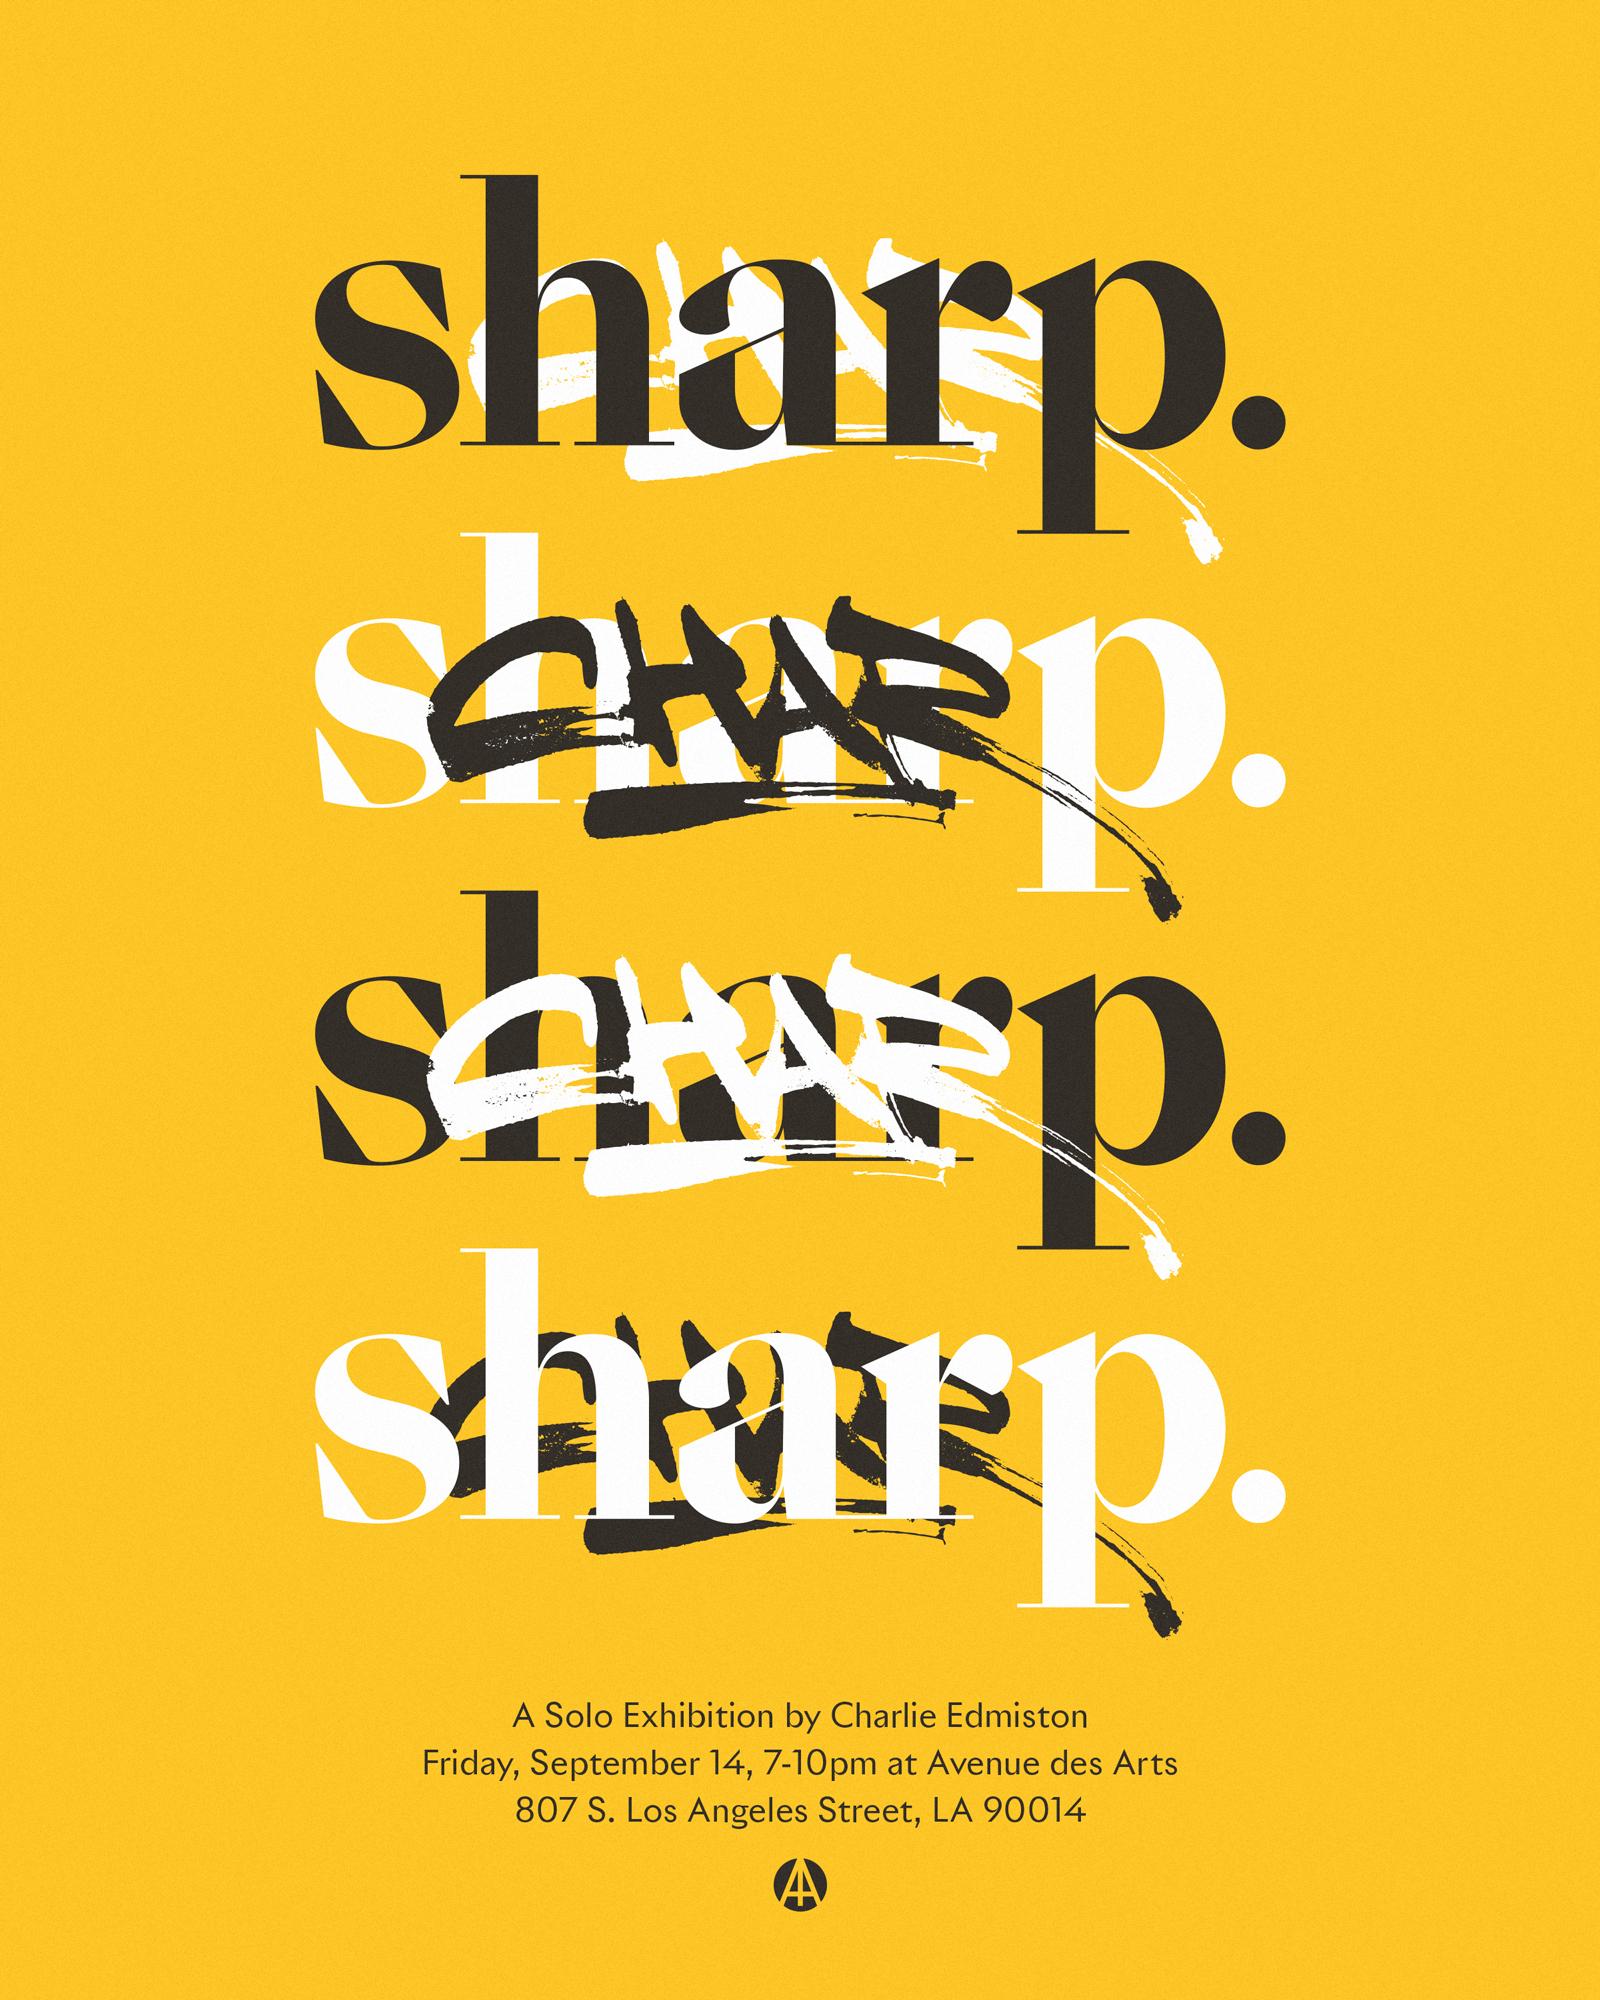 Charlie_Edmiston_Sharp_6_(yellow).jpg